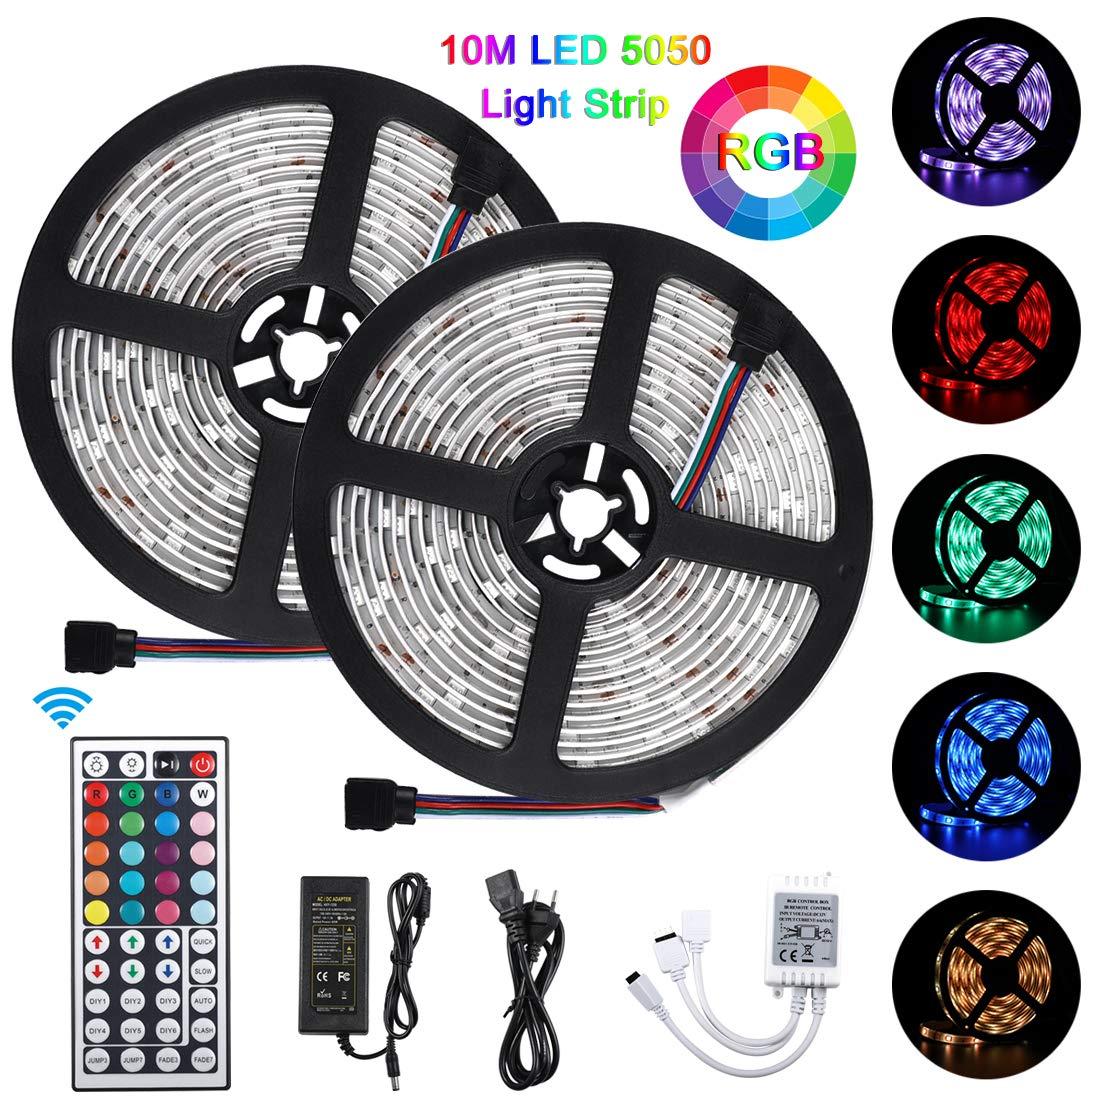 Bonve Pet Tiras LED 10m 5050 RGB, Tiras de Luces LED Iluminación con 300 Leds 12V SMD, Impermeable IP65, Adaptador de Alimentación 3A, Control Remoto de 24 Claves, Receptor product image